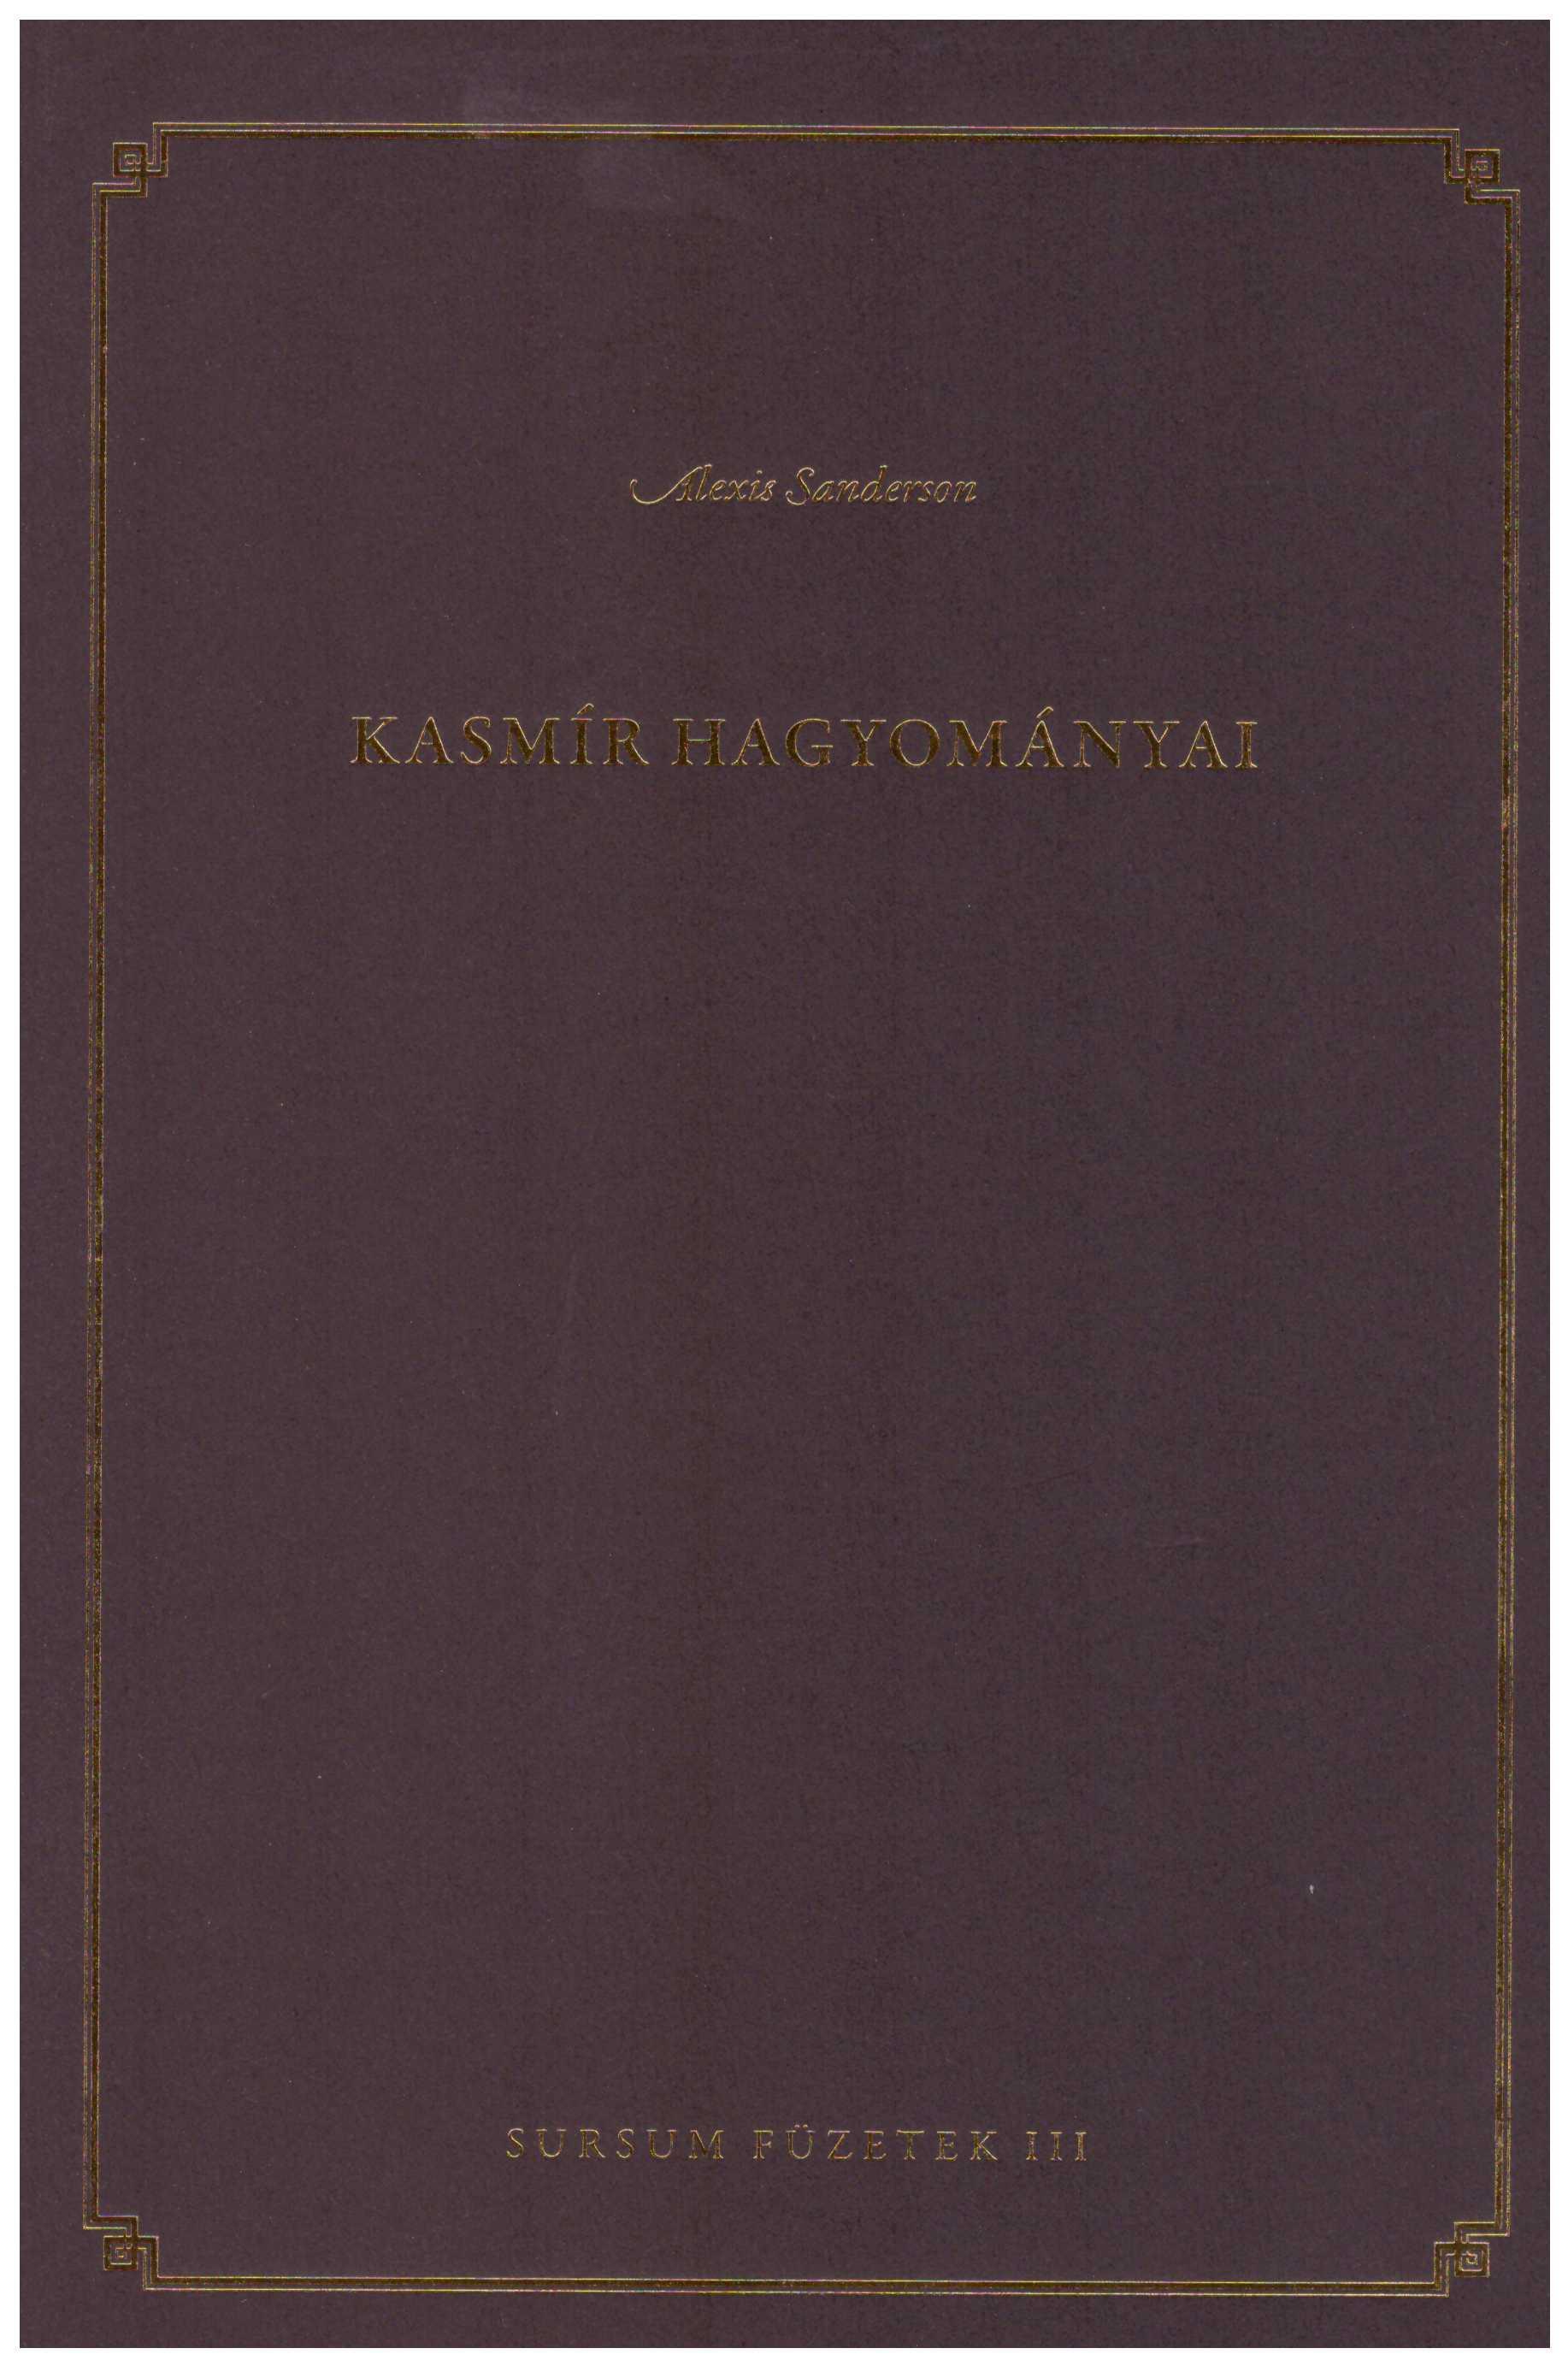 Kashmír hagyományai